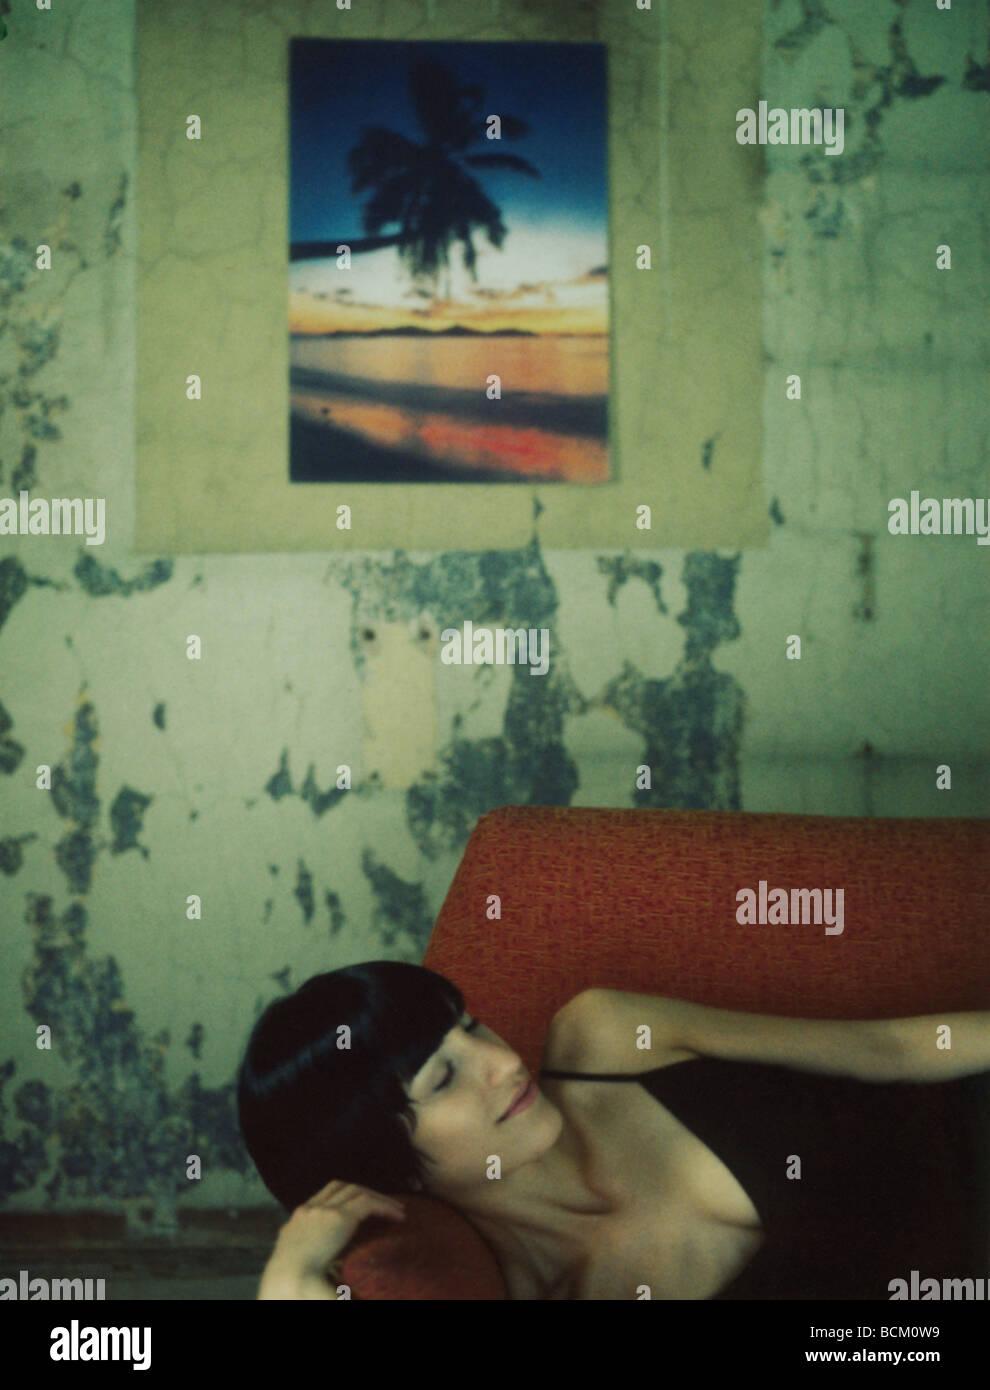 Mujer tumbado en el sofá con los ojos cerrados, sonriendo, fotografía en color en la pared de fondo Imagen De Stock